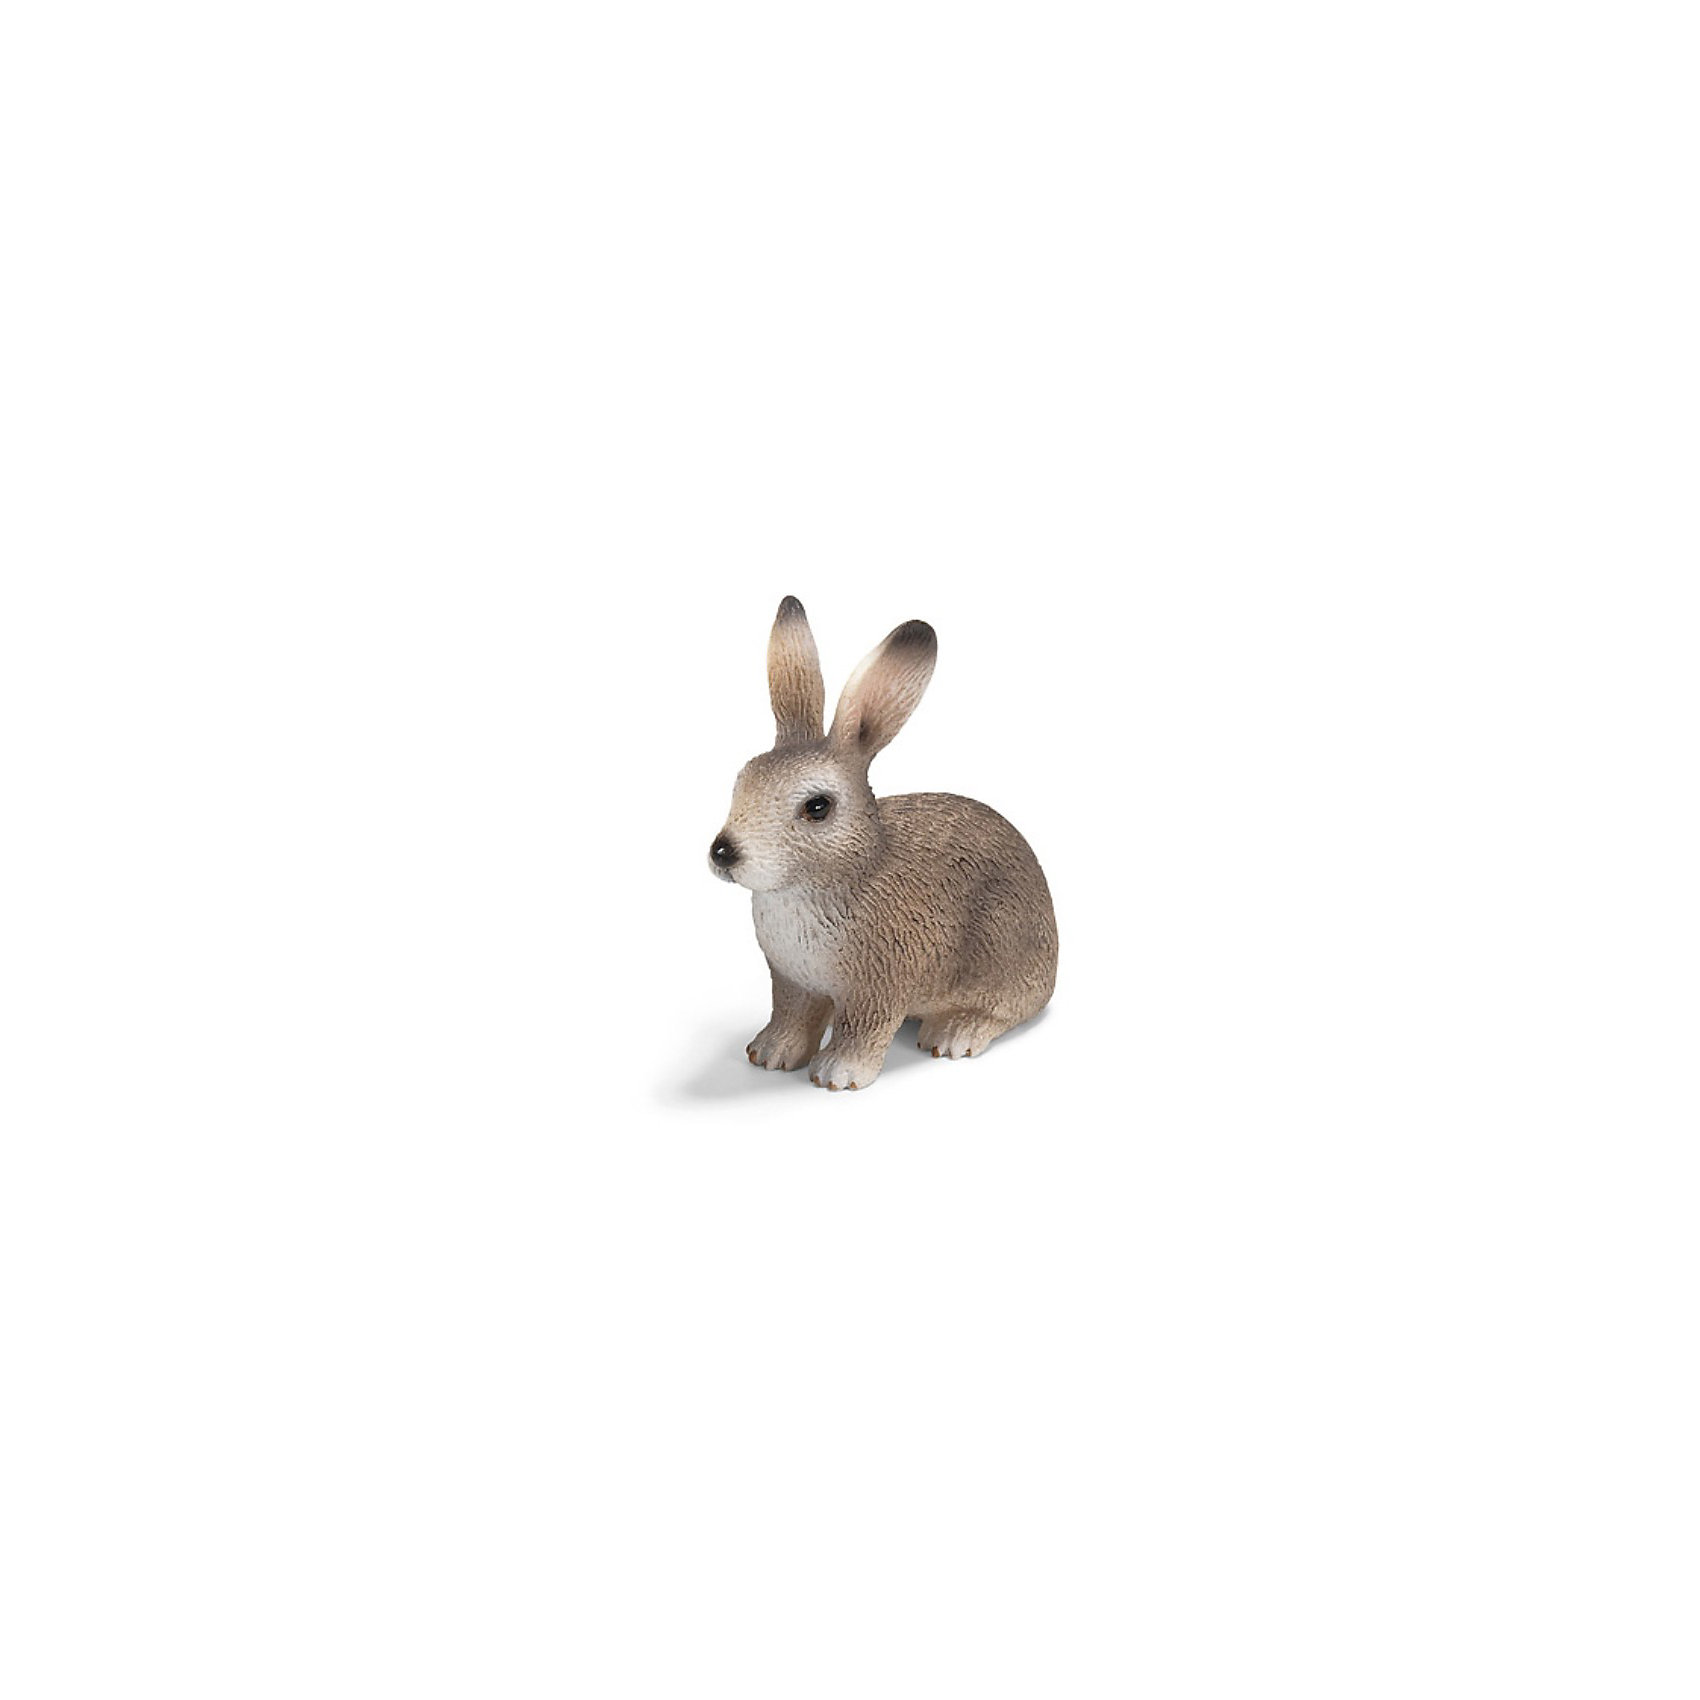 Schleich Дикий кролик. Серия Лесные животныеМир животных<br>Schleich (Шляйх), дикий кролик. Серия Лесные животные.<br><br>Характеристика:<br><br>• Материал: резина, пластик.  <br>• Размер фигурки: 3х4х5 см. <br>• Фигурка прекрасно детализирована.<br>• Реалистично раскрашена вручную. <br><br>Фигурка дикого кролика очень похожа на настоящего зверька, отлично детализирована и реалистично раскрашена. Игрушки серии Лесные животные от немецкого бренда Schleich изготовлены из высококачественных экологичных материалов, с применением только безопасных, нетоксичных красителей. Собери всю коллекцию Schleich и познакомься поближе с такими удивительными дикими и домашними животными! <br><br>Schleich (Шляйх), дикого кролика, серия Лесные животные,  можно купить в нашем интернет-магазине.<br><br>Ширина мм: 67<br>Глубина мм: 50<br>Высота мм: 2<br>Вес г: 14<br>Возраст от месяцев: 36<br>Возраст до месяцев: 96<br>Пол: Унисекс<br>Возраст: Детский<br>SKU: 1978666